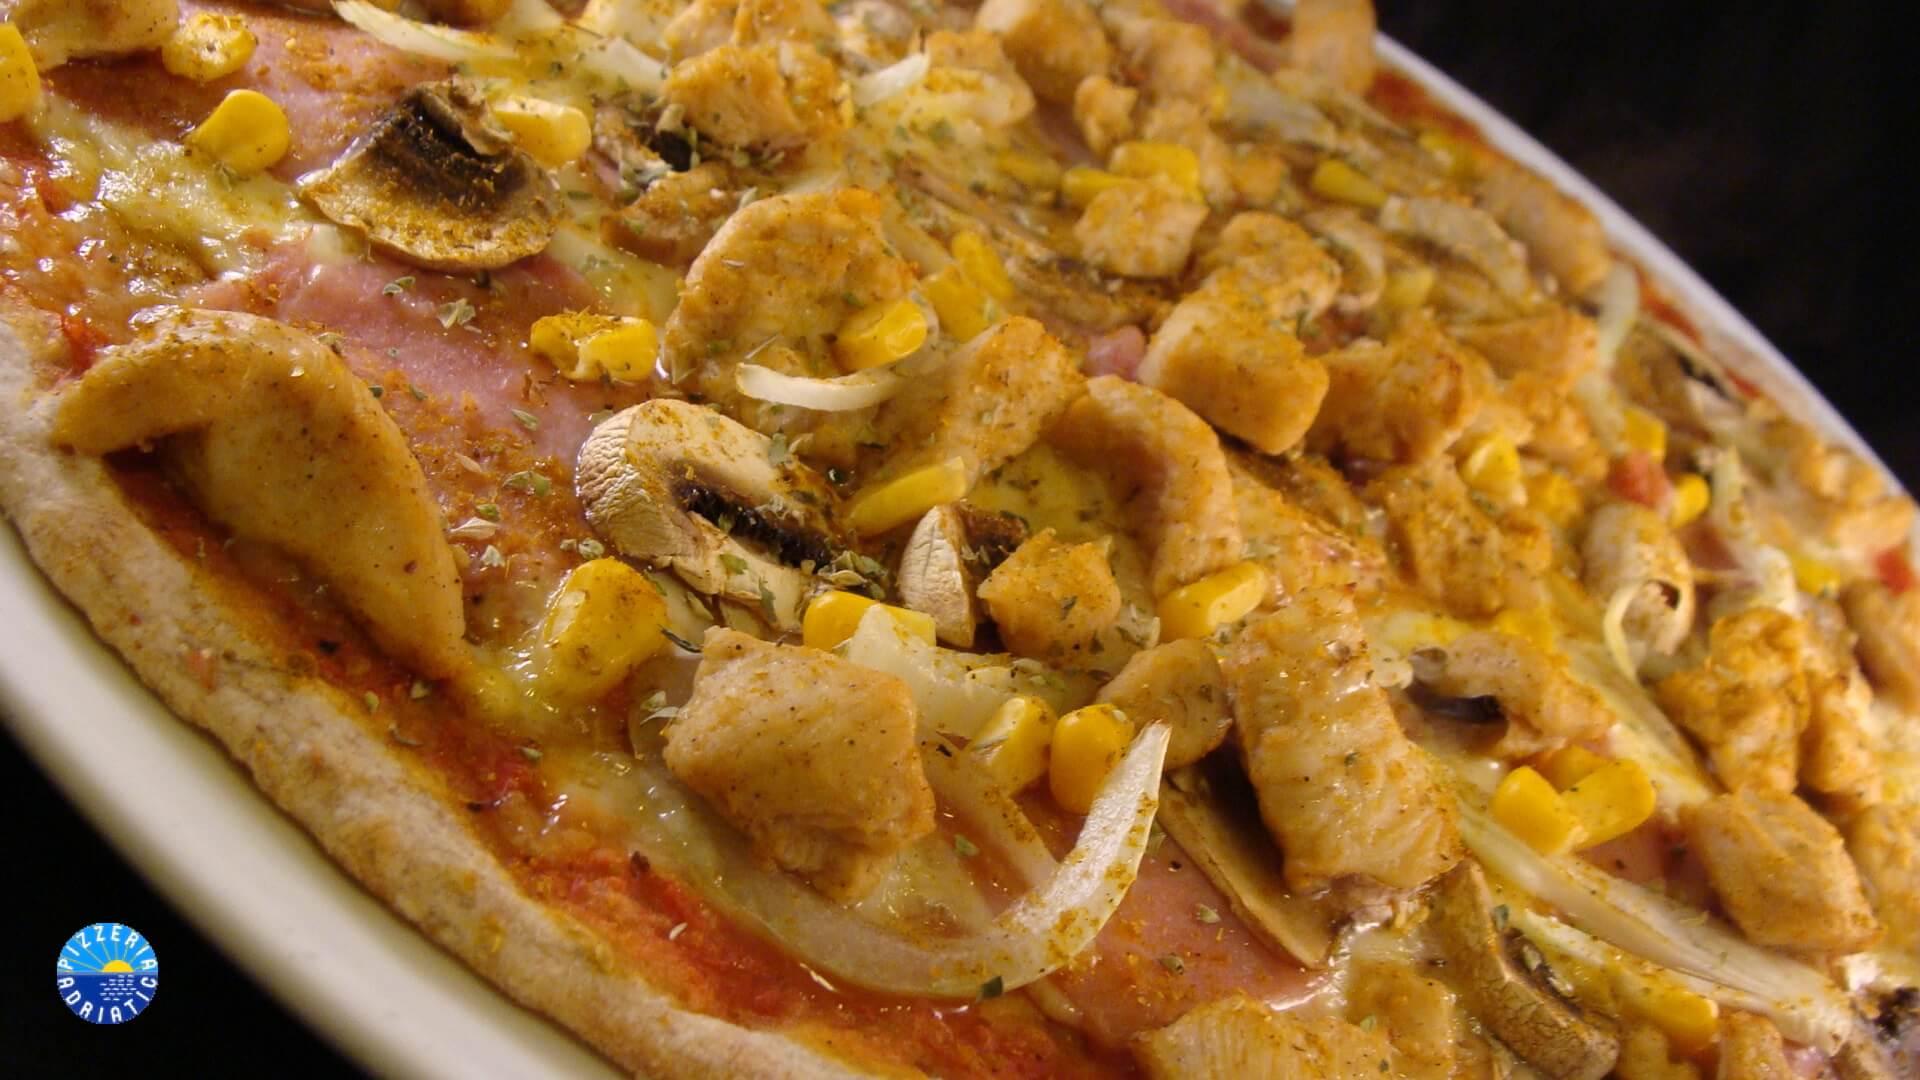 pizzeria åbylund linköping